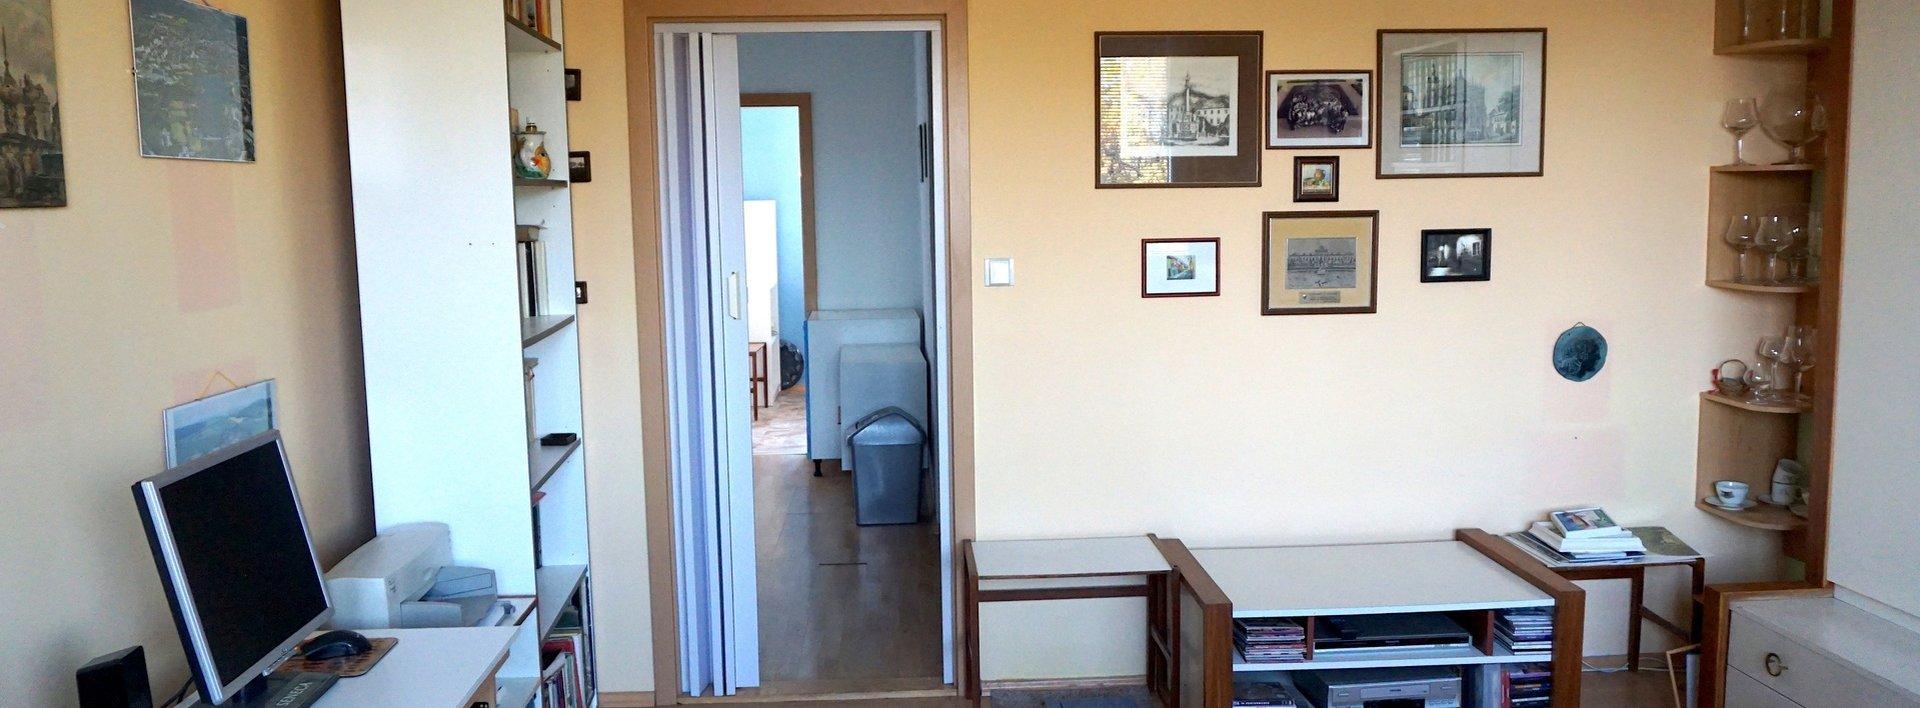 Prodej bytu 2+1, 56 m² - Jablonec n/N., Mšeno, ul. Pobřežní, Ev.č.: N47929